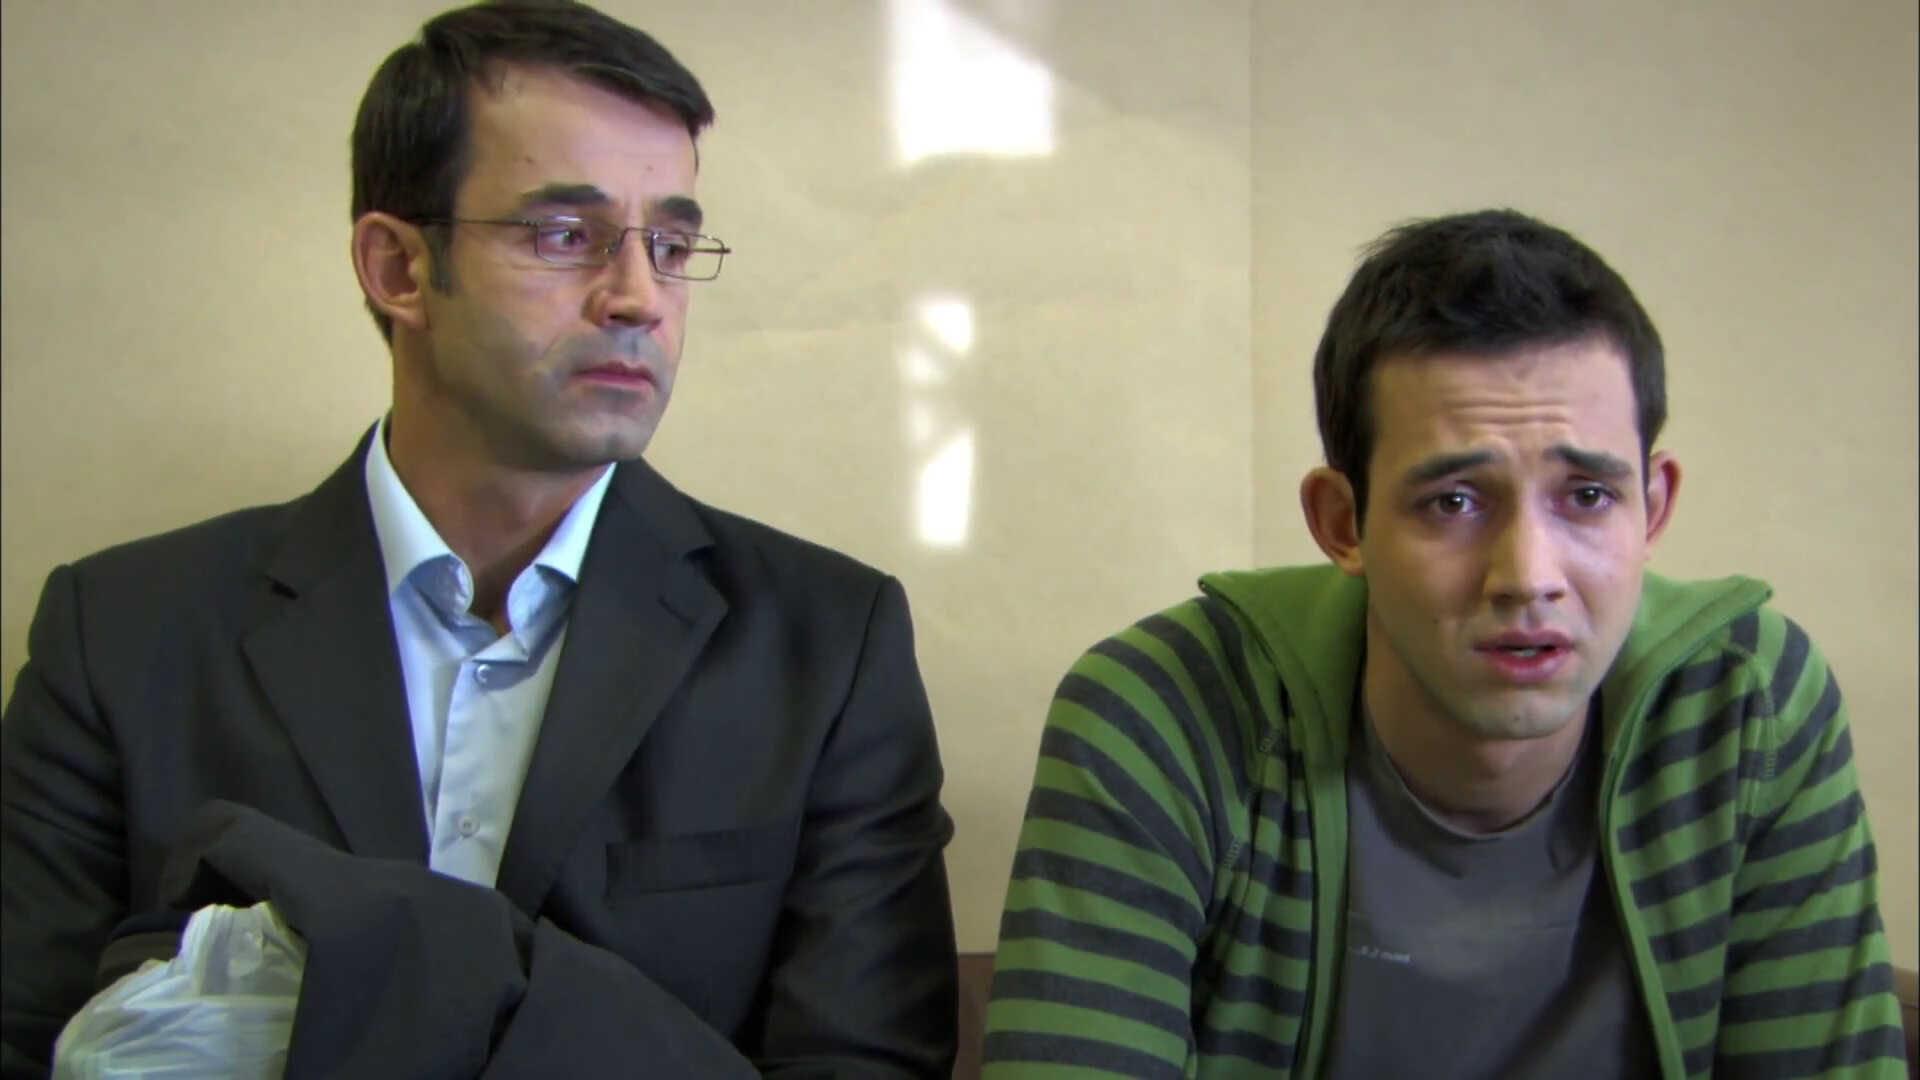 Внук Аллы Пугачевой рассказал, как погиб сын Дмитрия Певцова